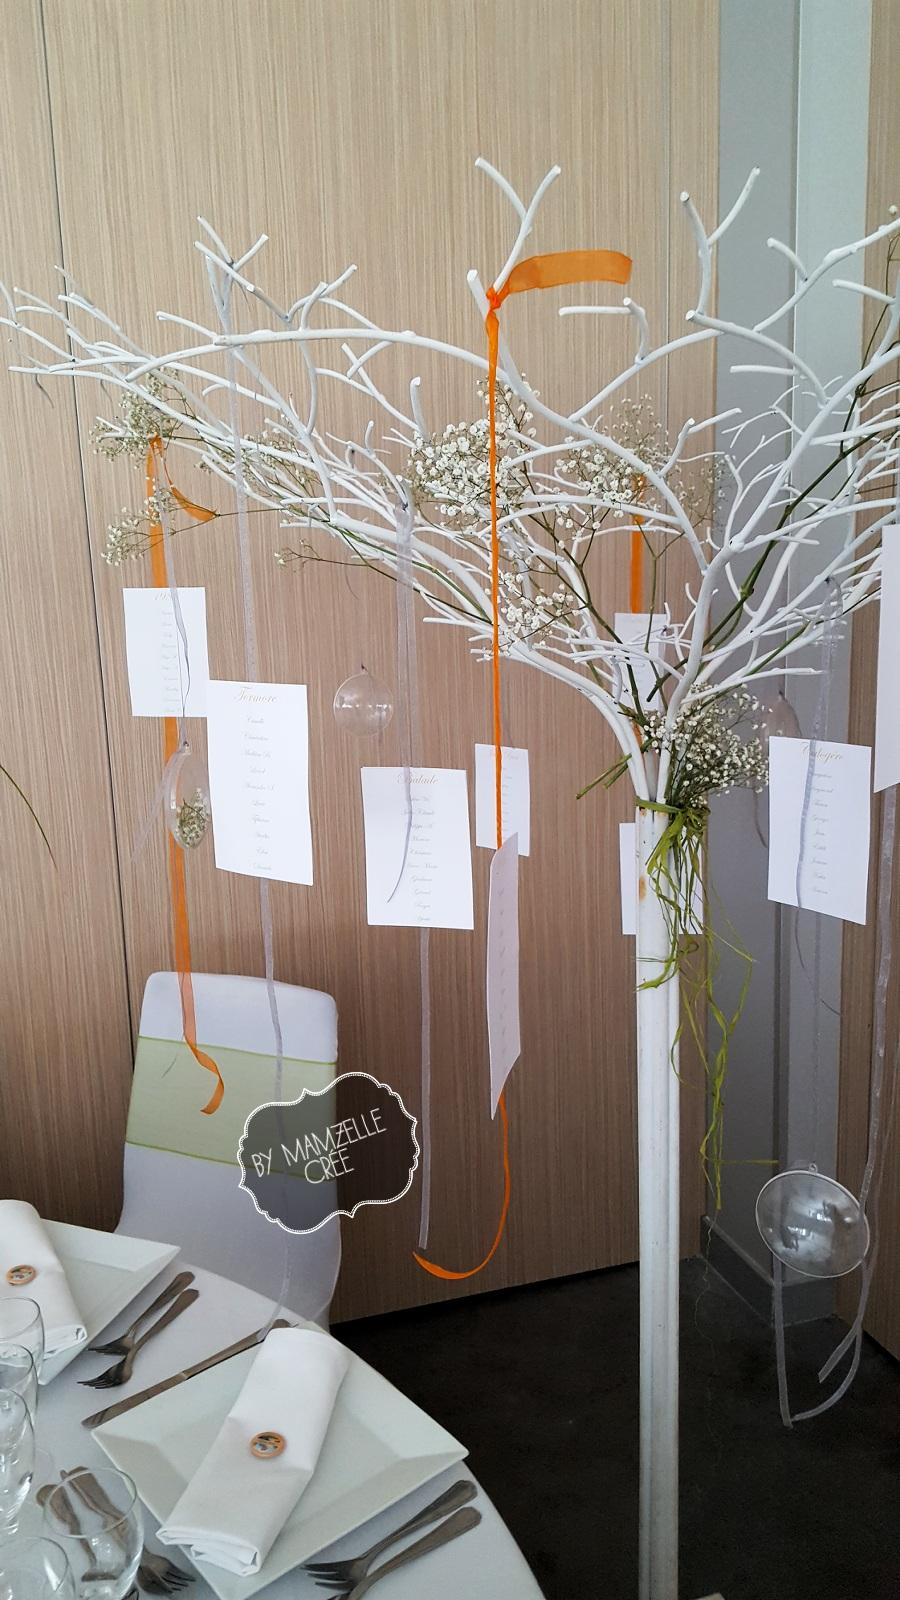 Plan de table arbre mam'zelle crée